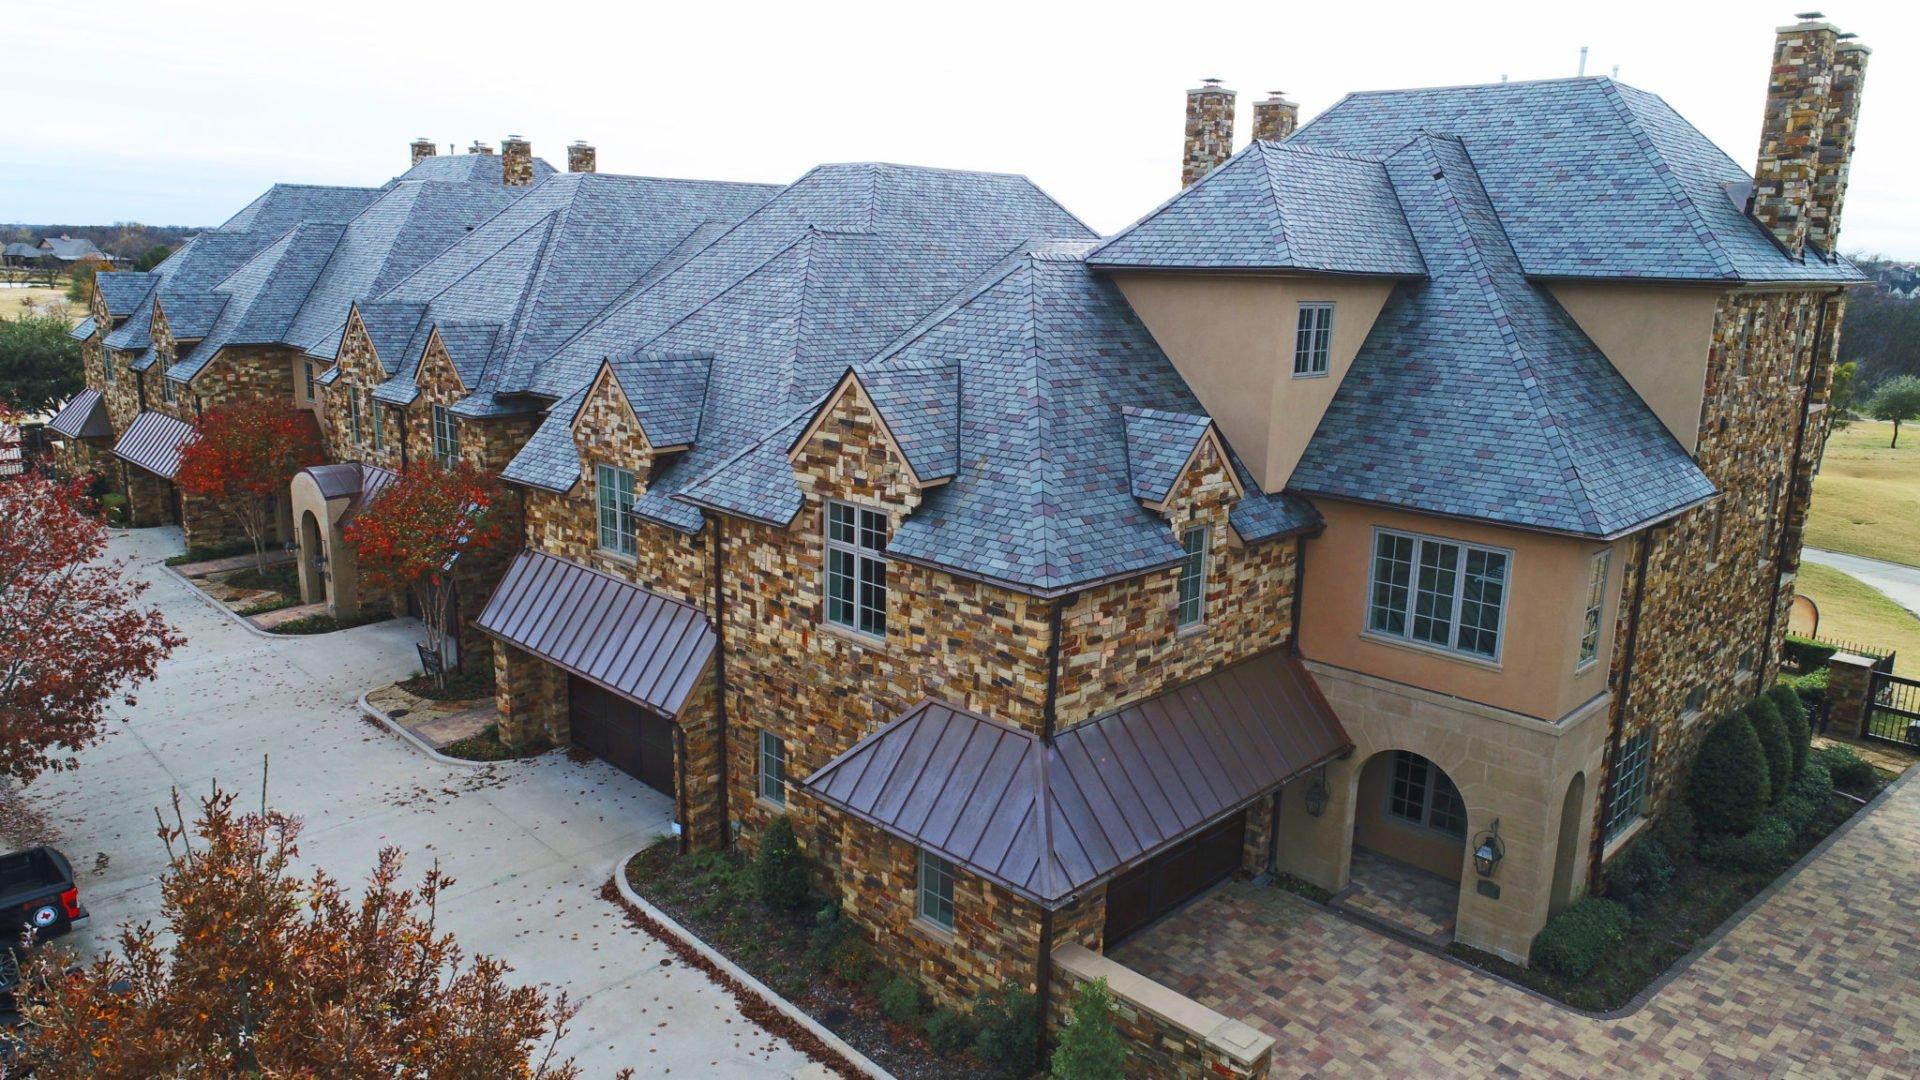 Condo Roofing